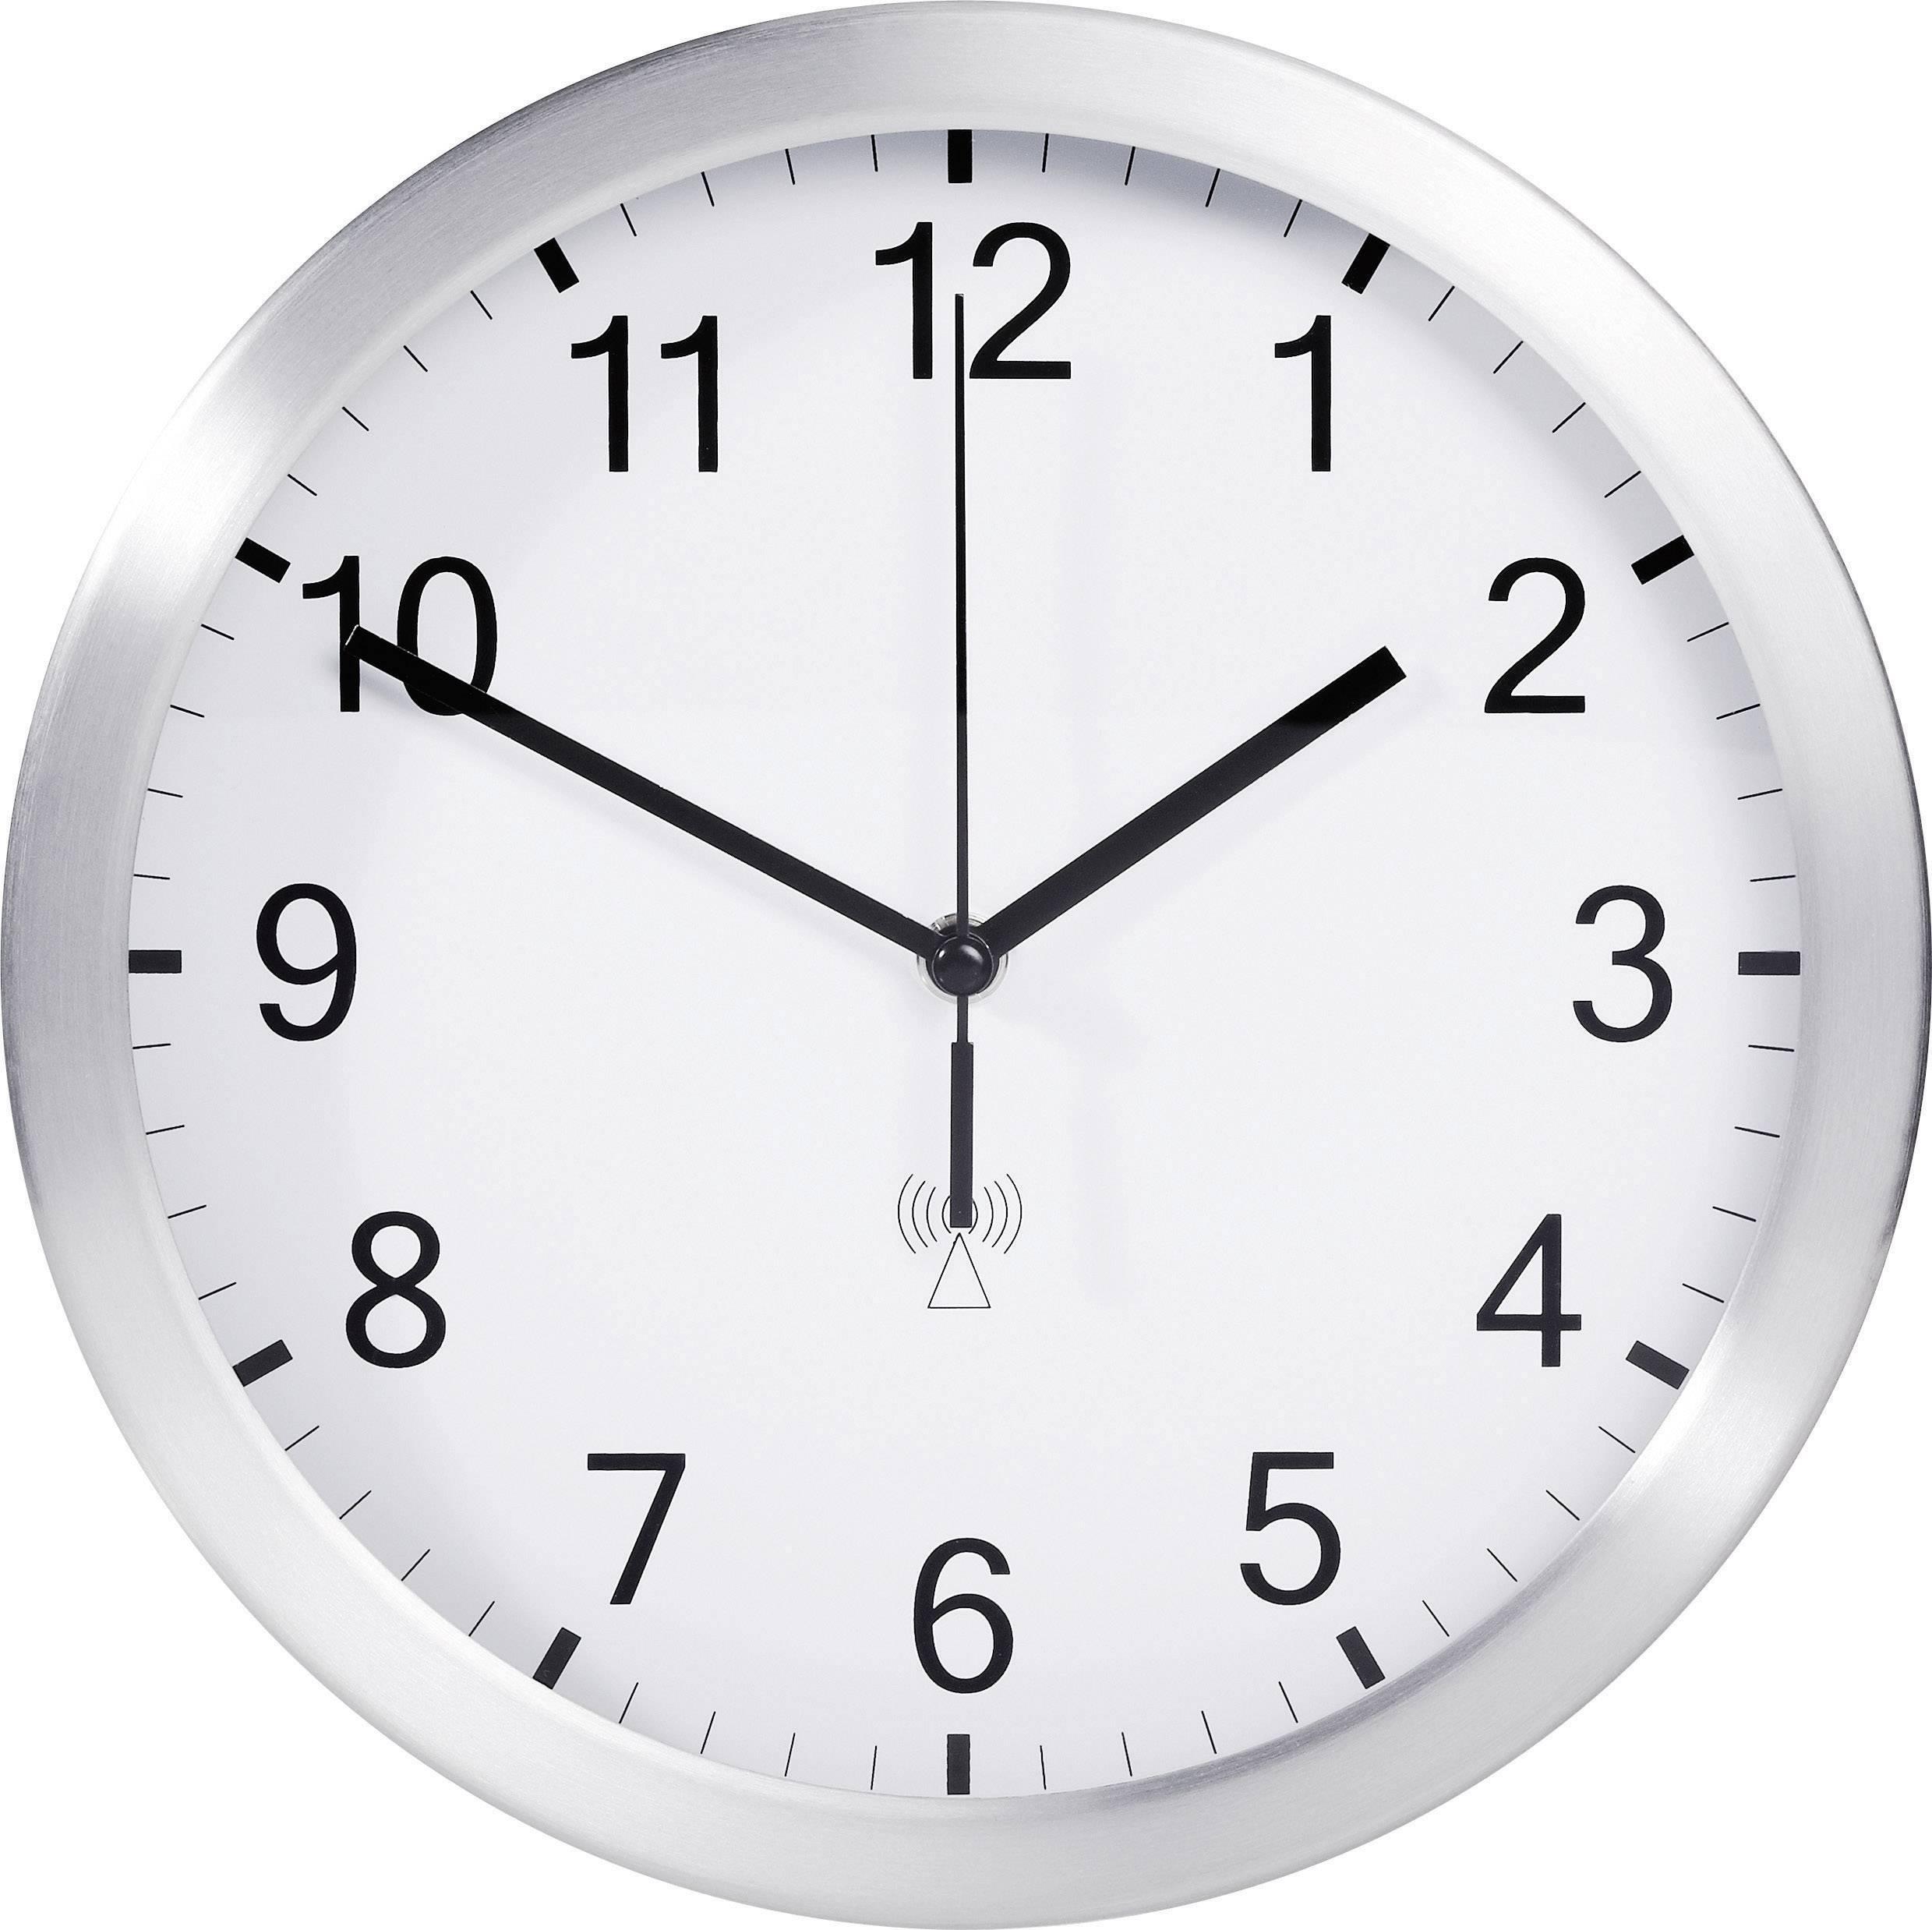 Analógové nástenné DCF hodiny TFA 25 cm, hliník